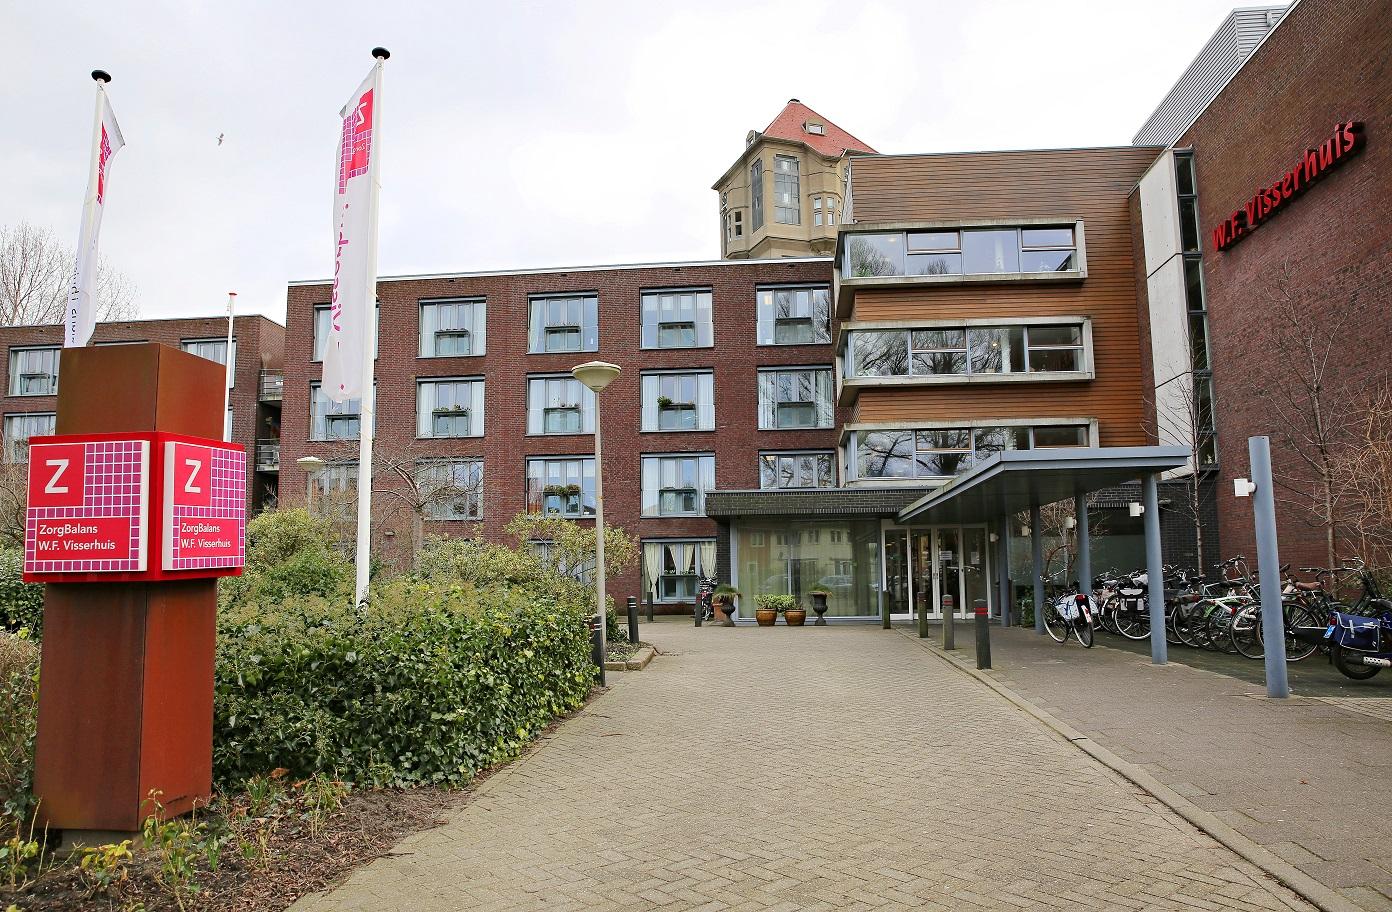 Woonzorgcentrum Visserhuis Zorgbalans